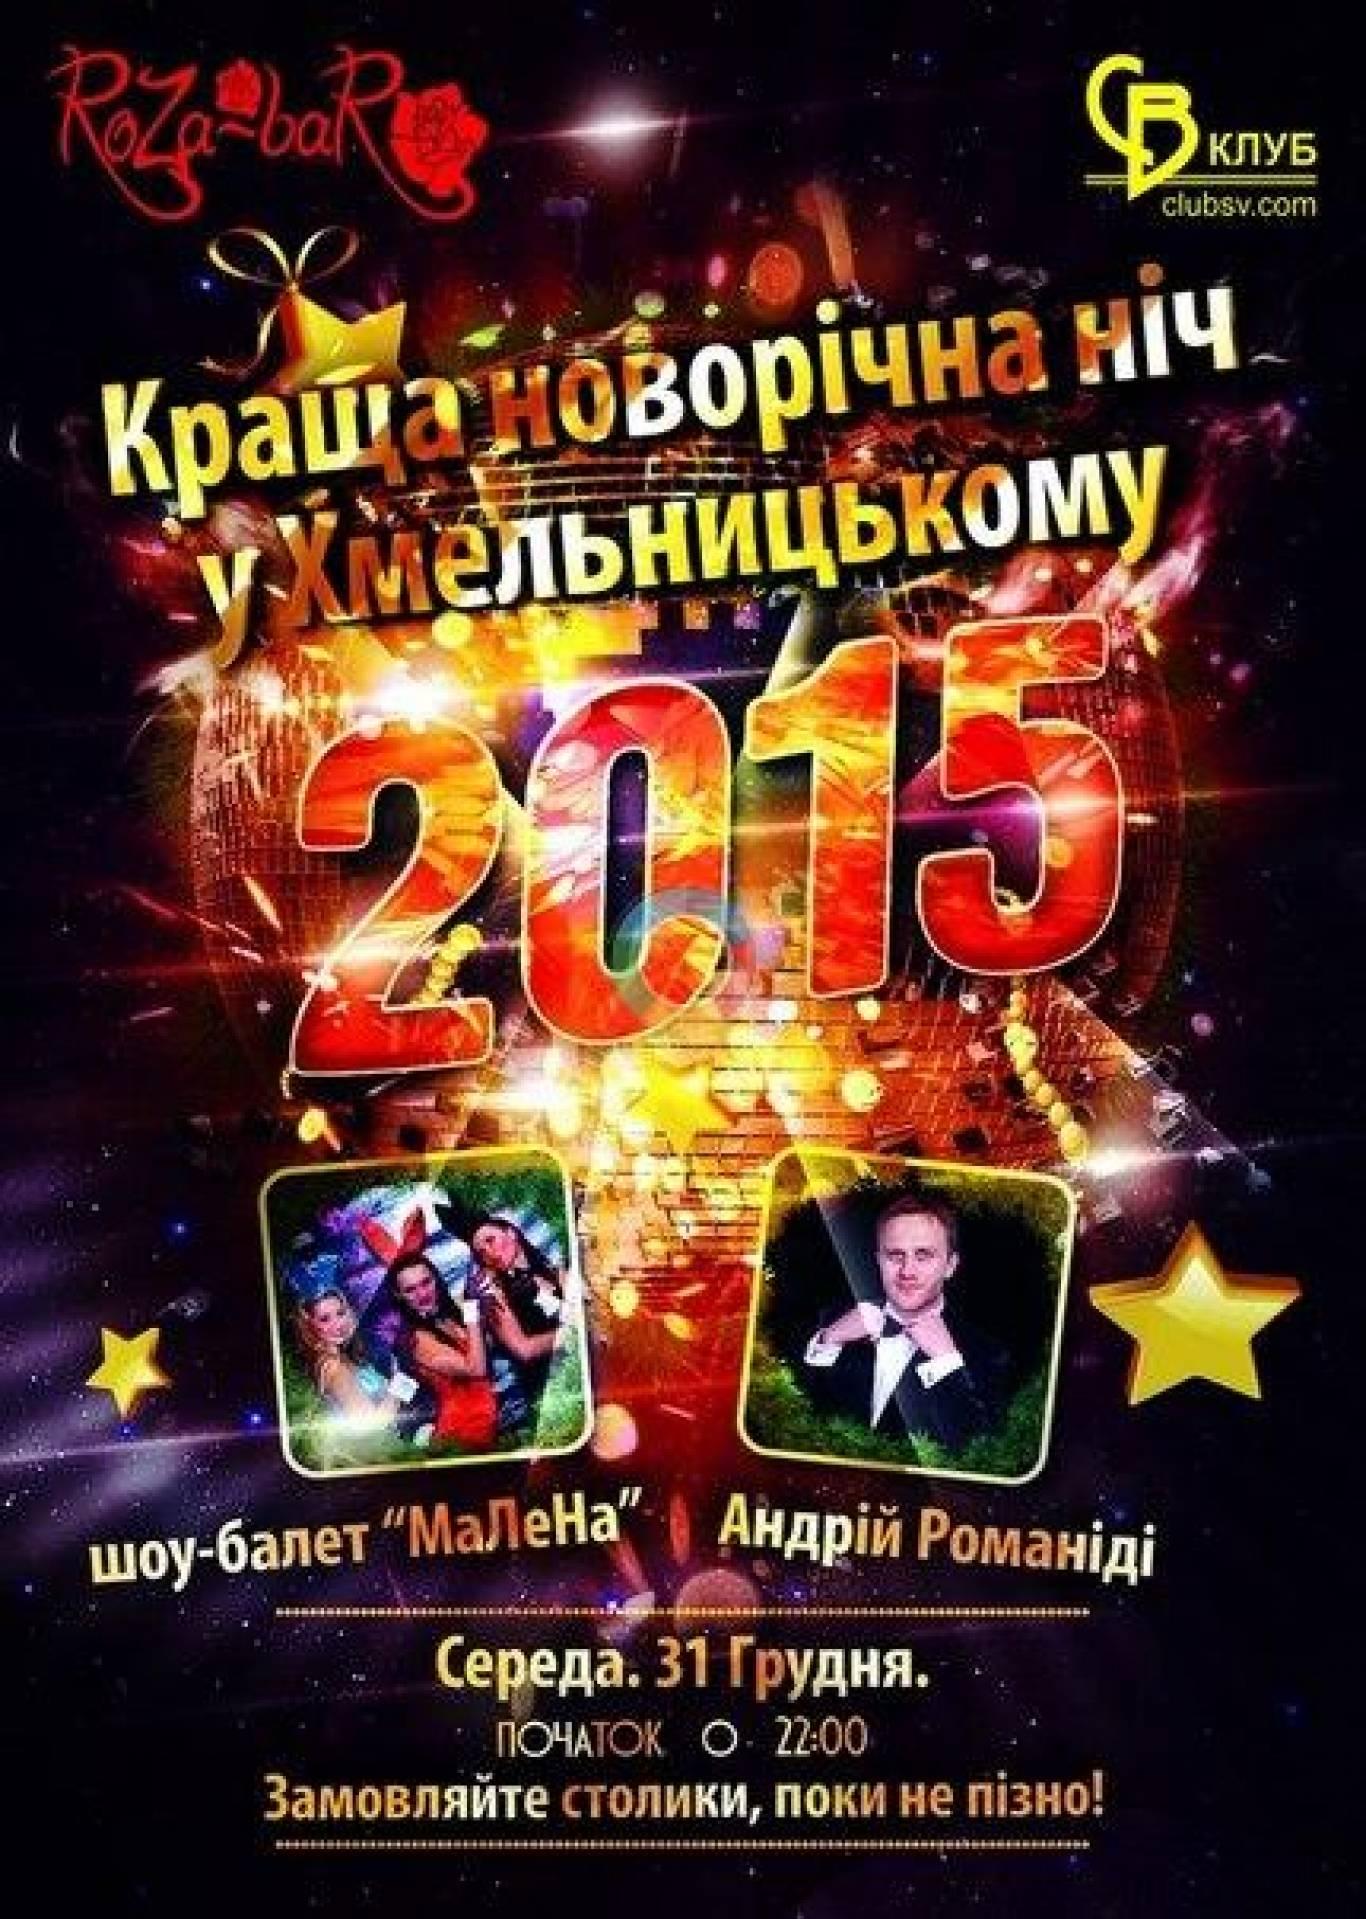 """Новорічна нічу """"Roza Bar"""""""